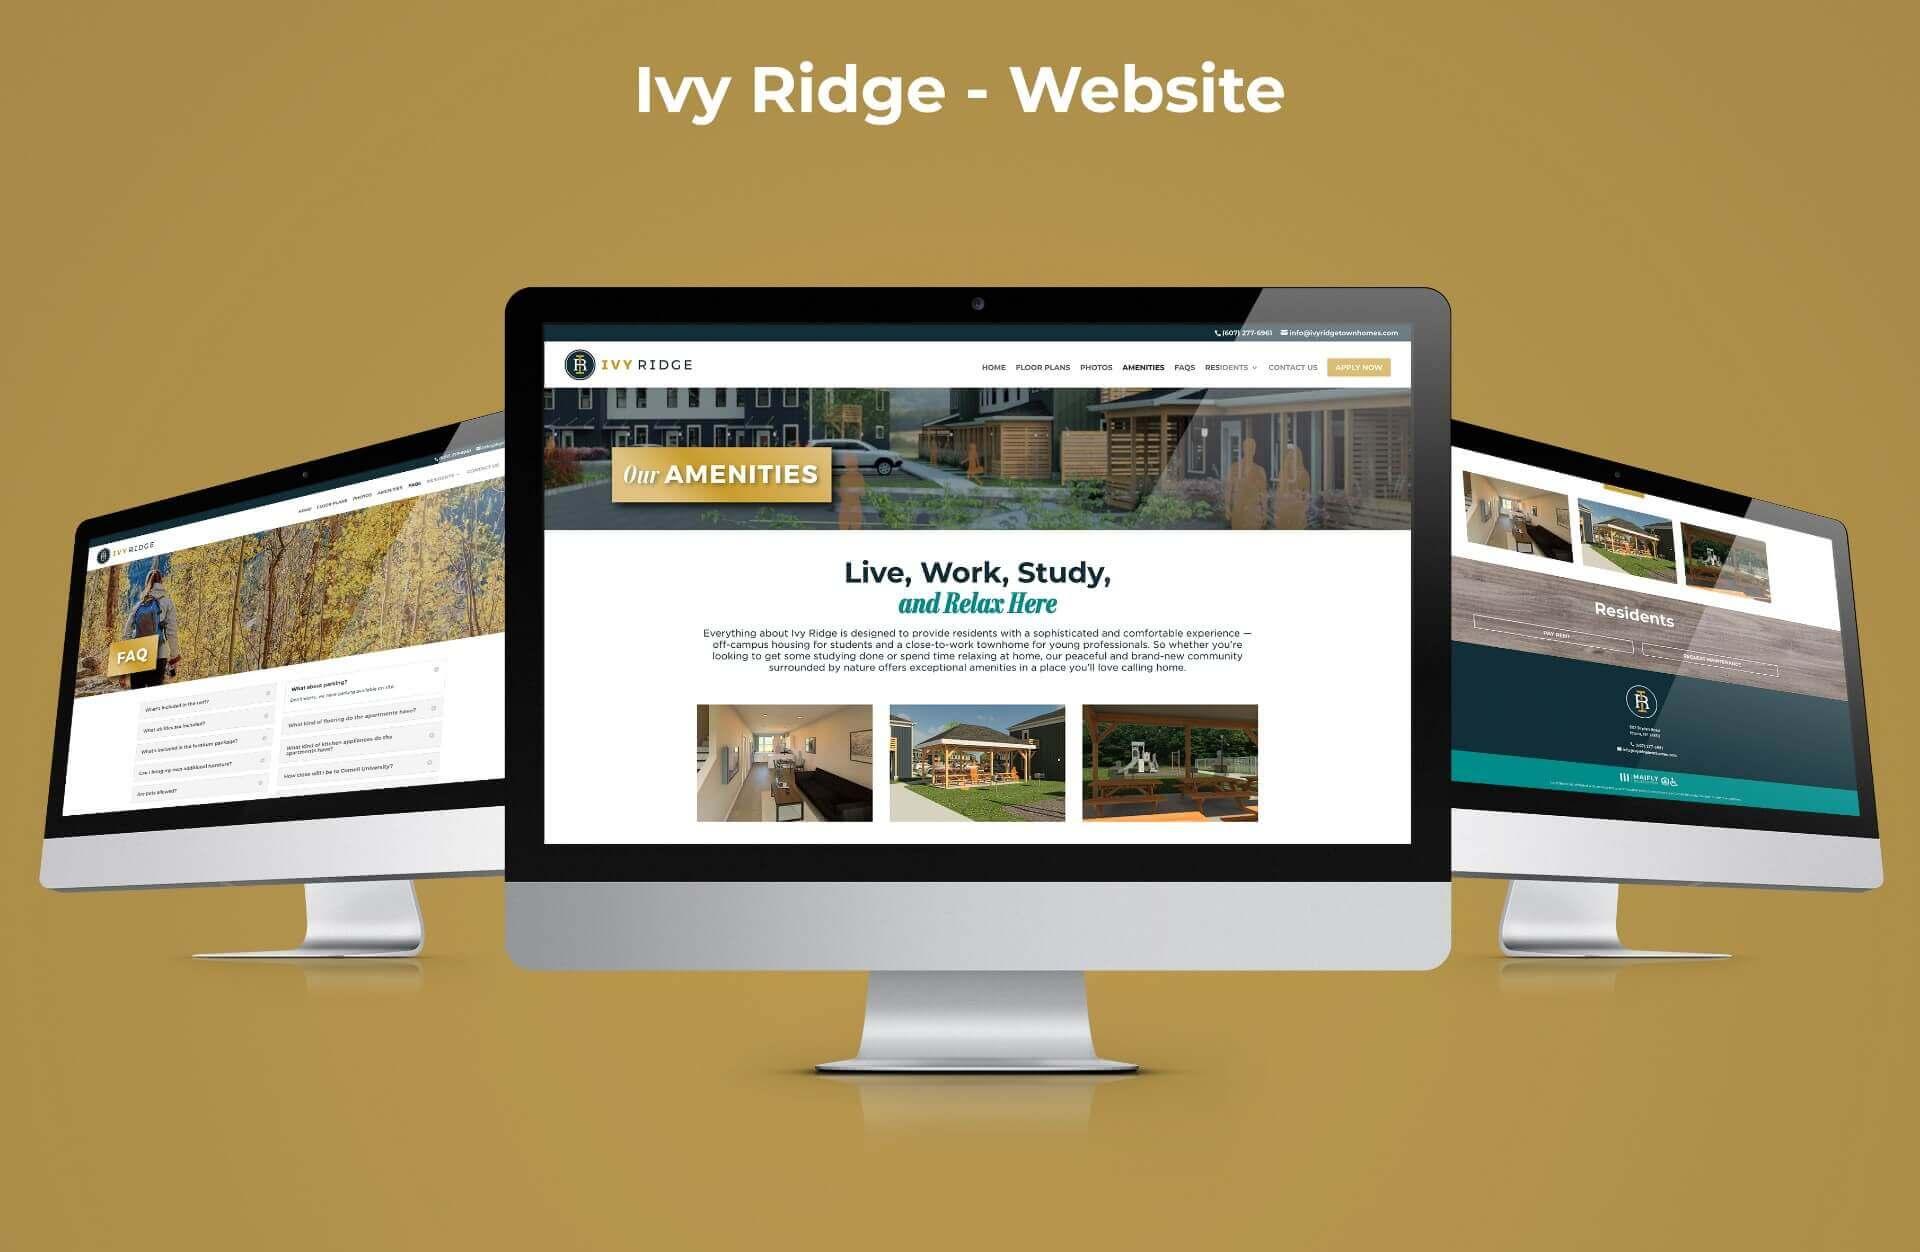 IVRG-Webiste2